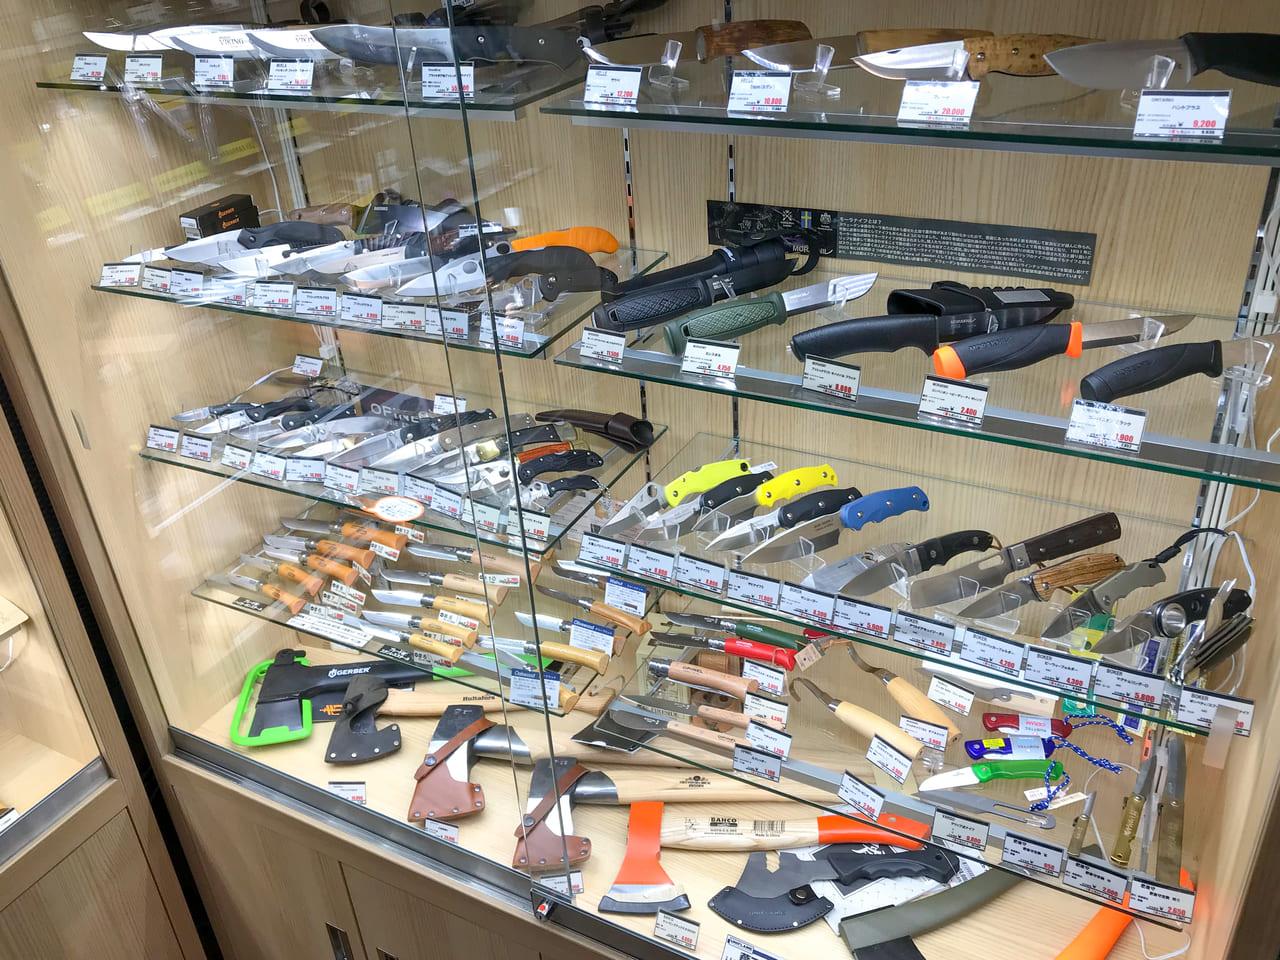 /ガラス棚の中に展示された様々なナイフ